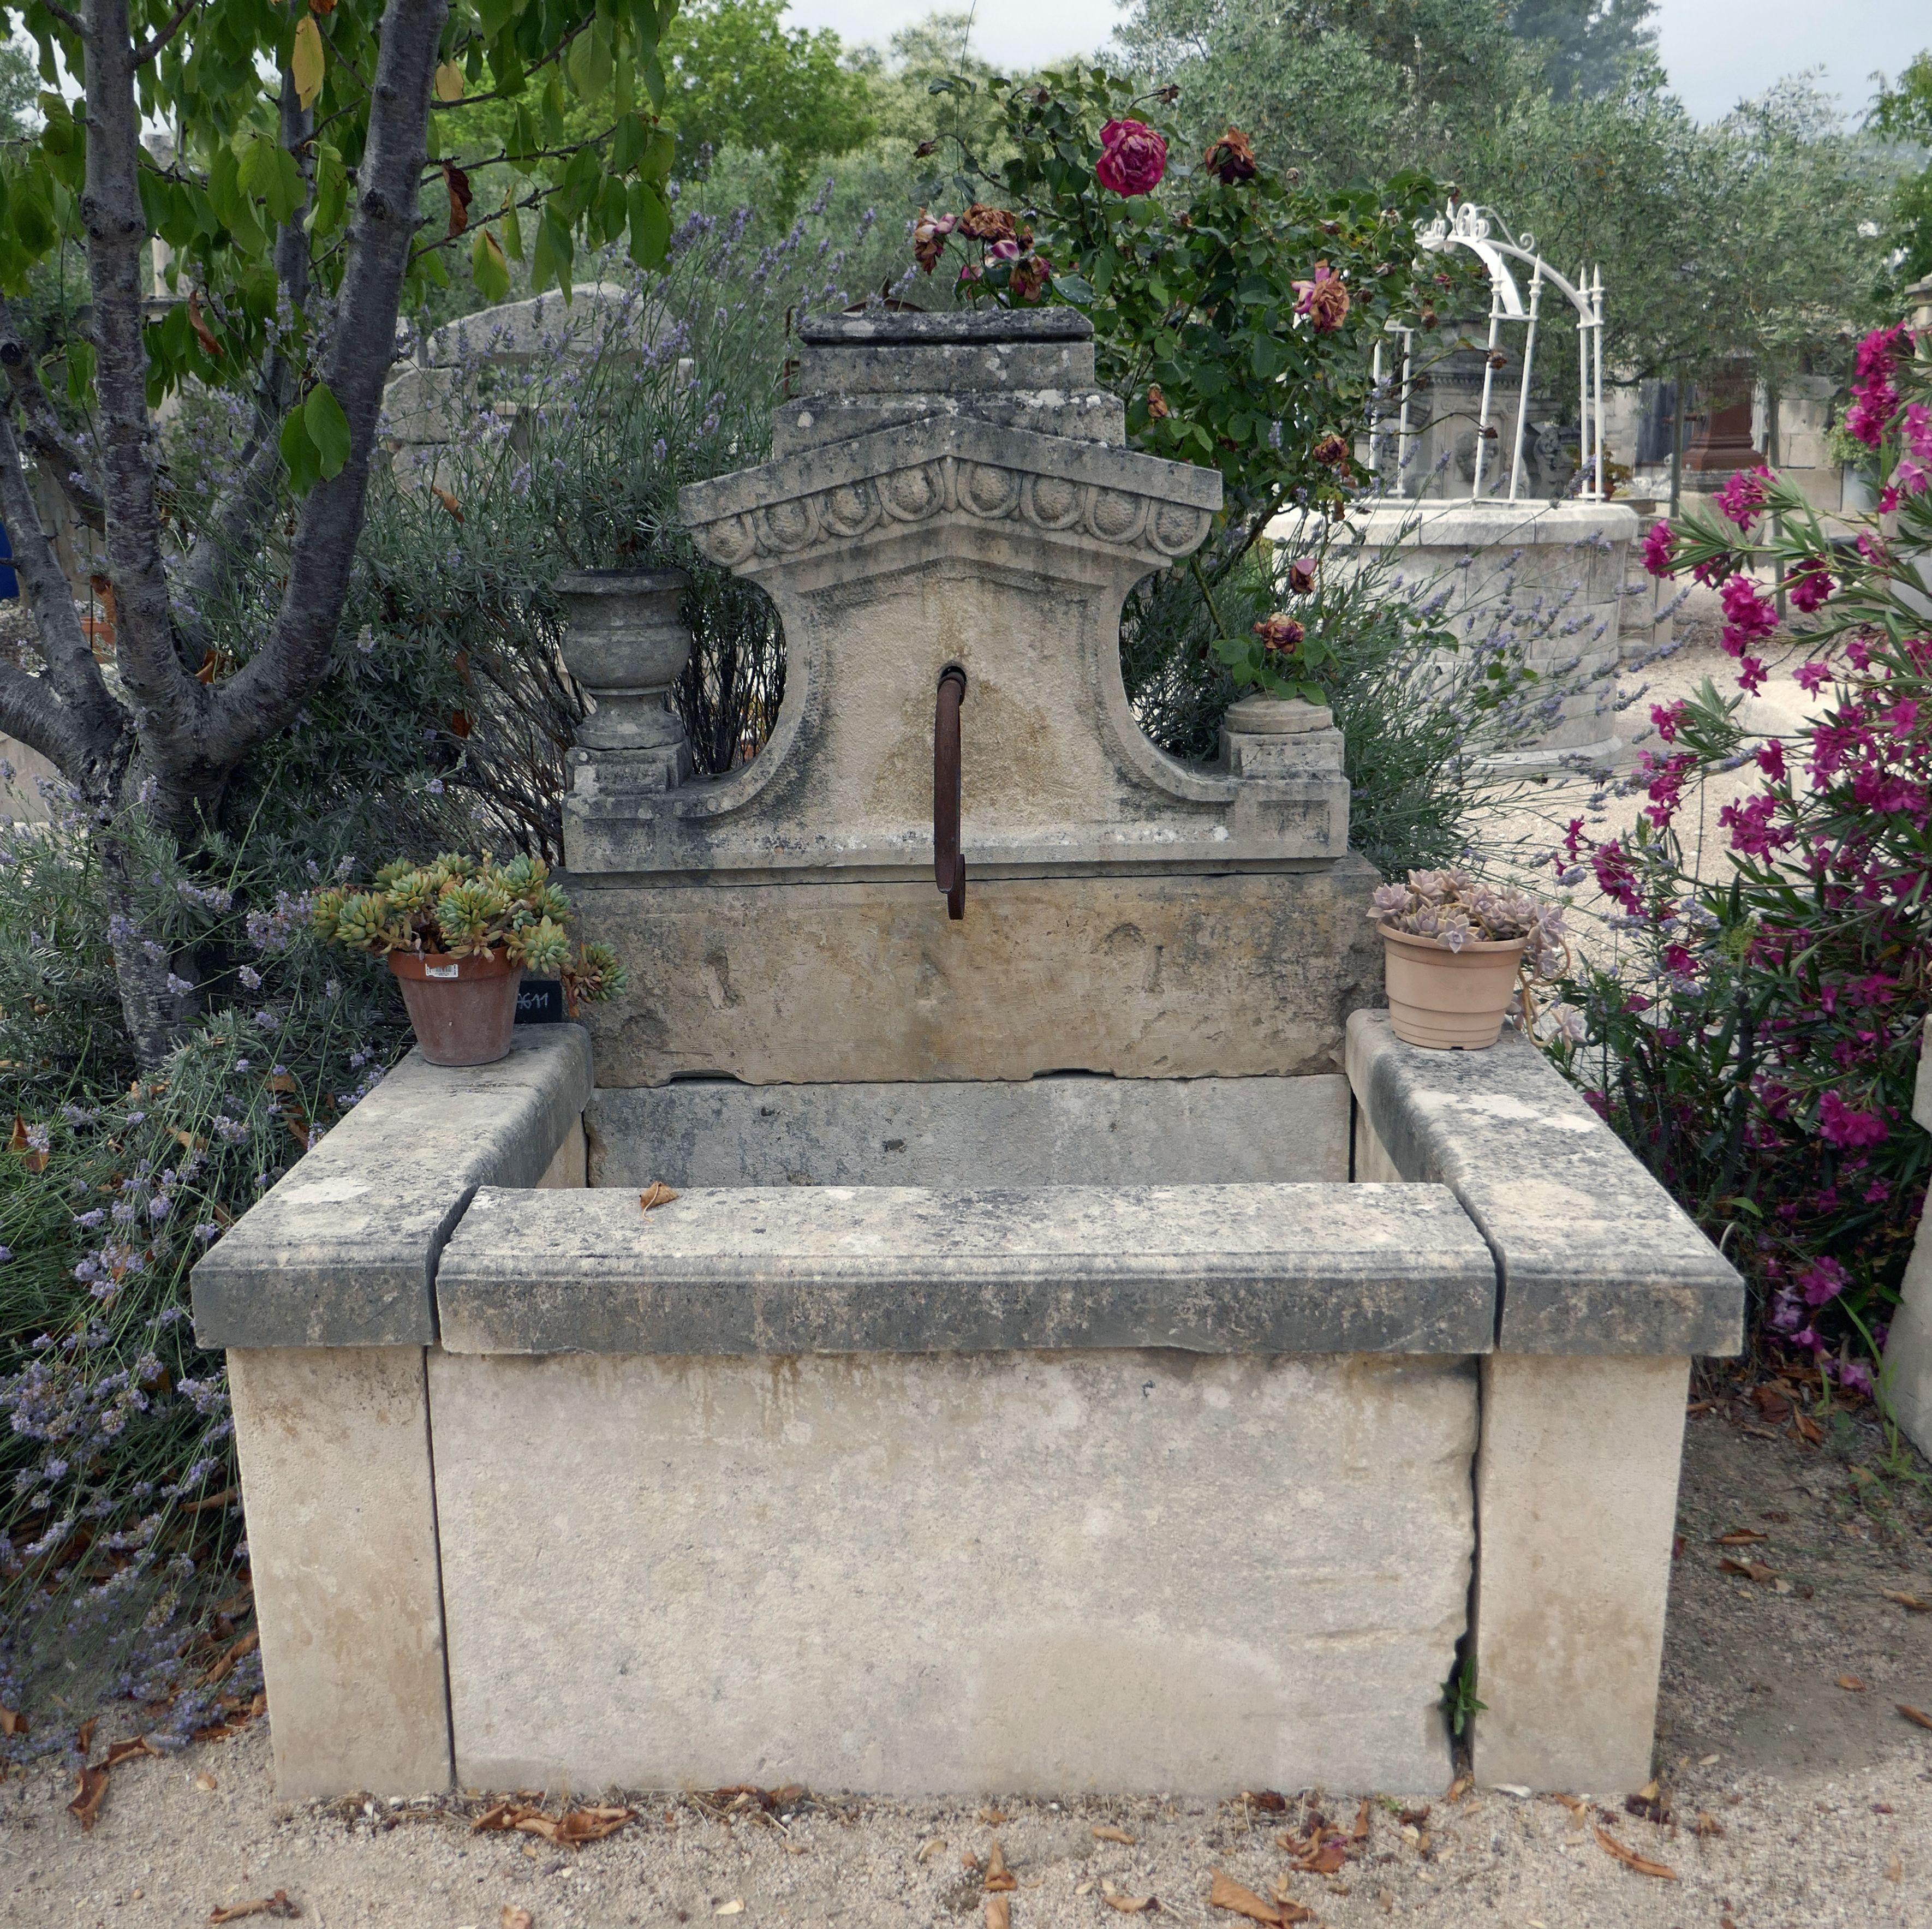 Fontaine Murale De Jardin Avec Fronton Sculpte A La Main Alain Bidal Materiaux Anciens En Provence Fontaine De Jardin Fontaine Murale Materiaux Anciens